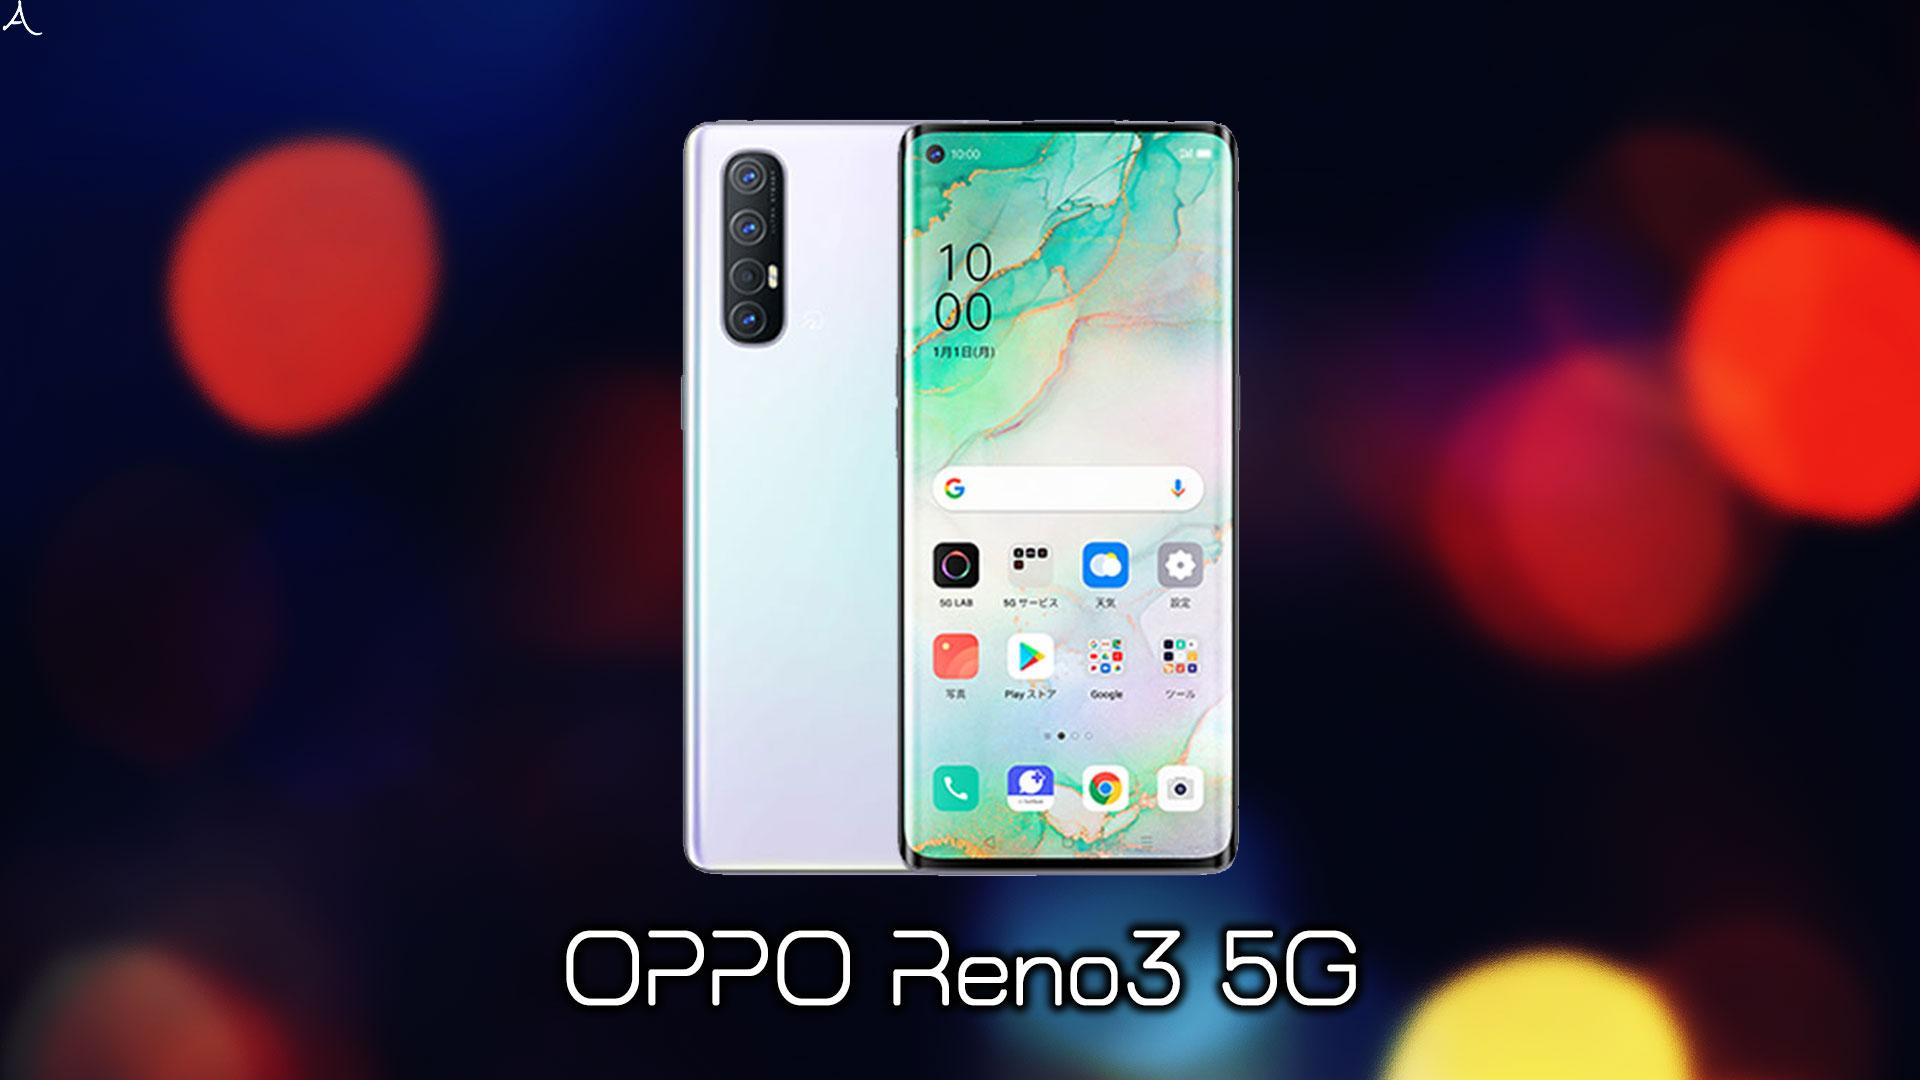 「OPPO Reno3 5G」のスペック・特徴まとめ:価格や日本発売日も解説